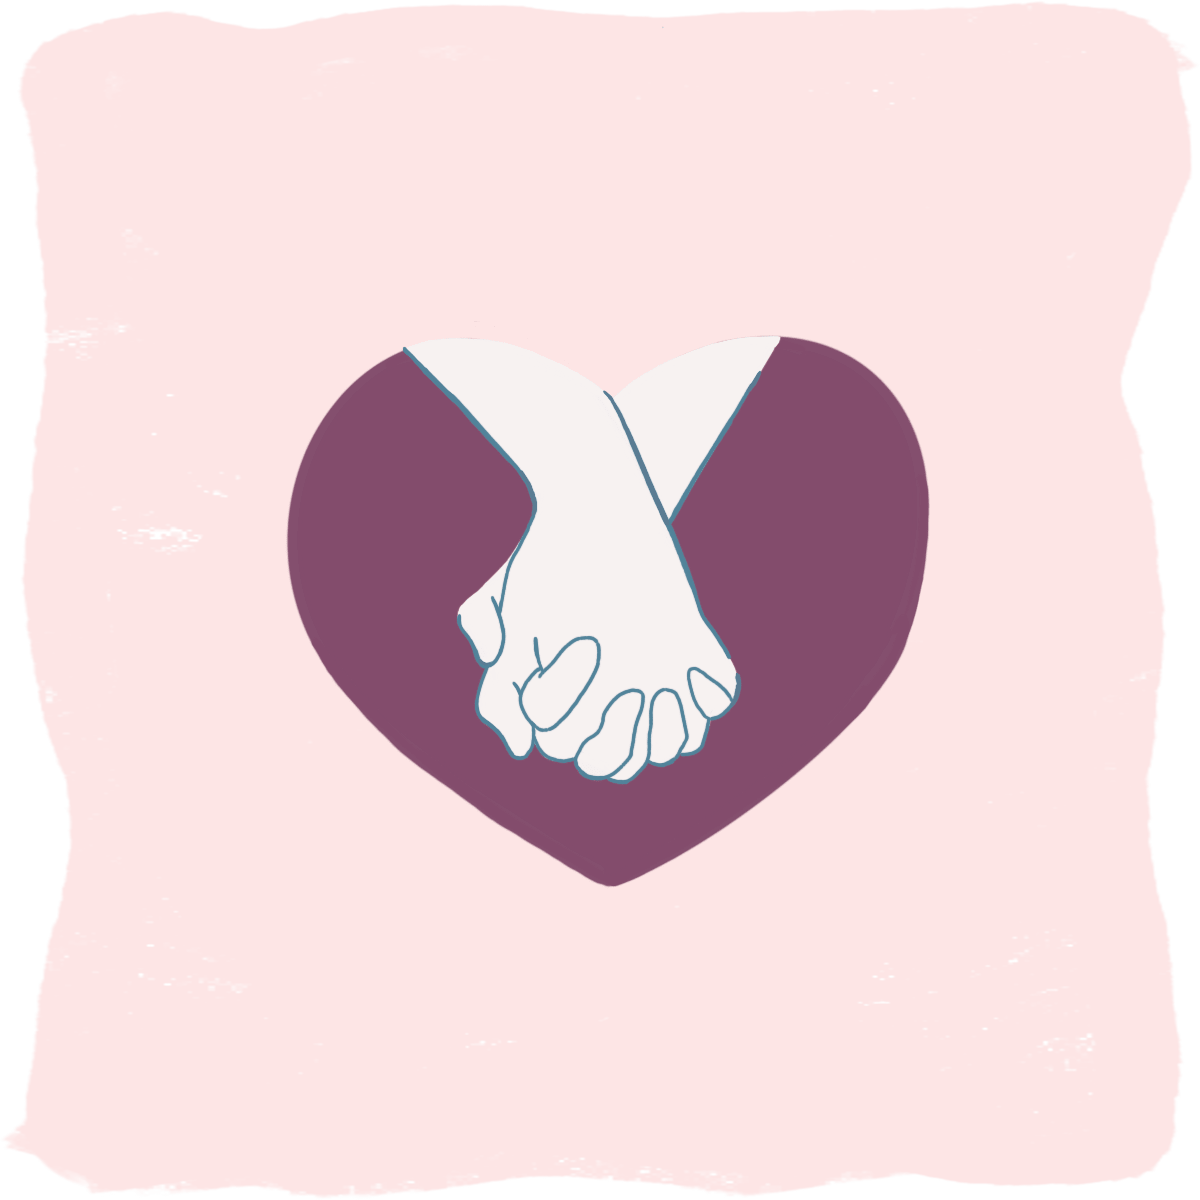 Juntas - manos